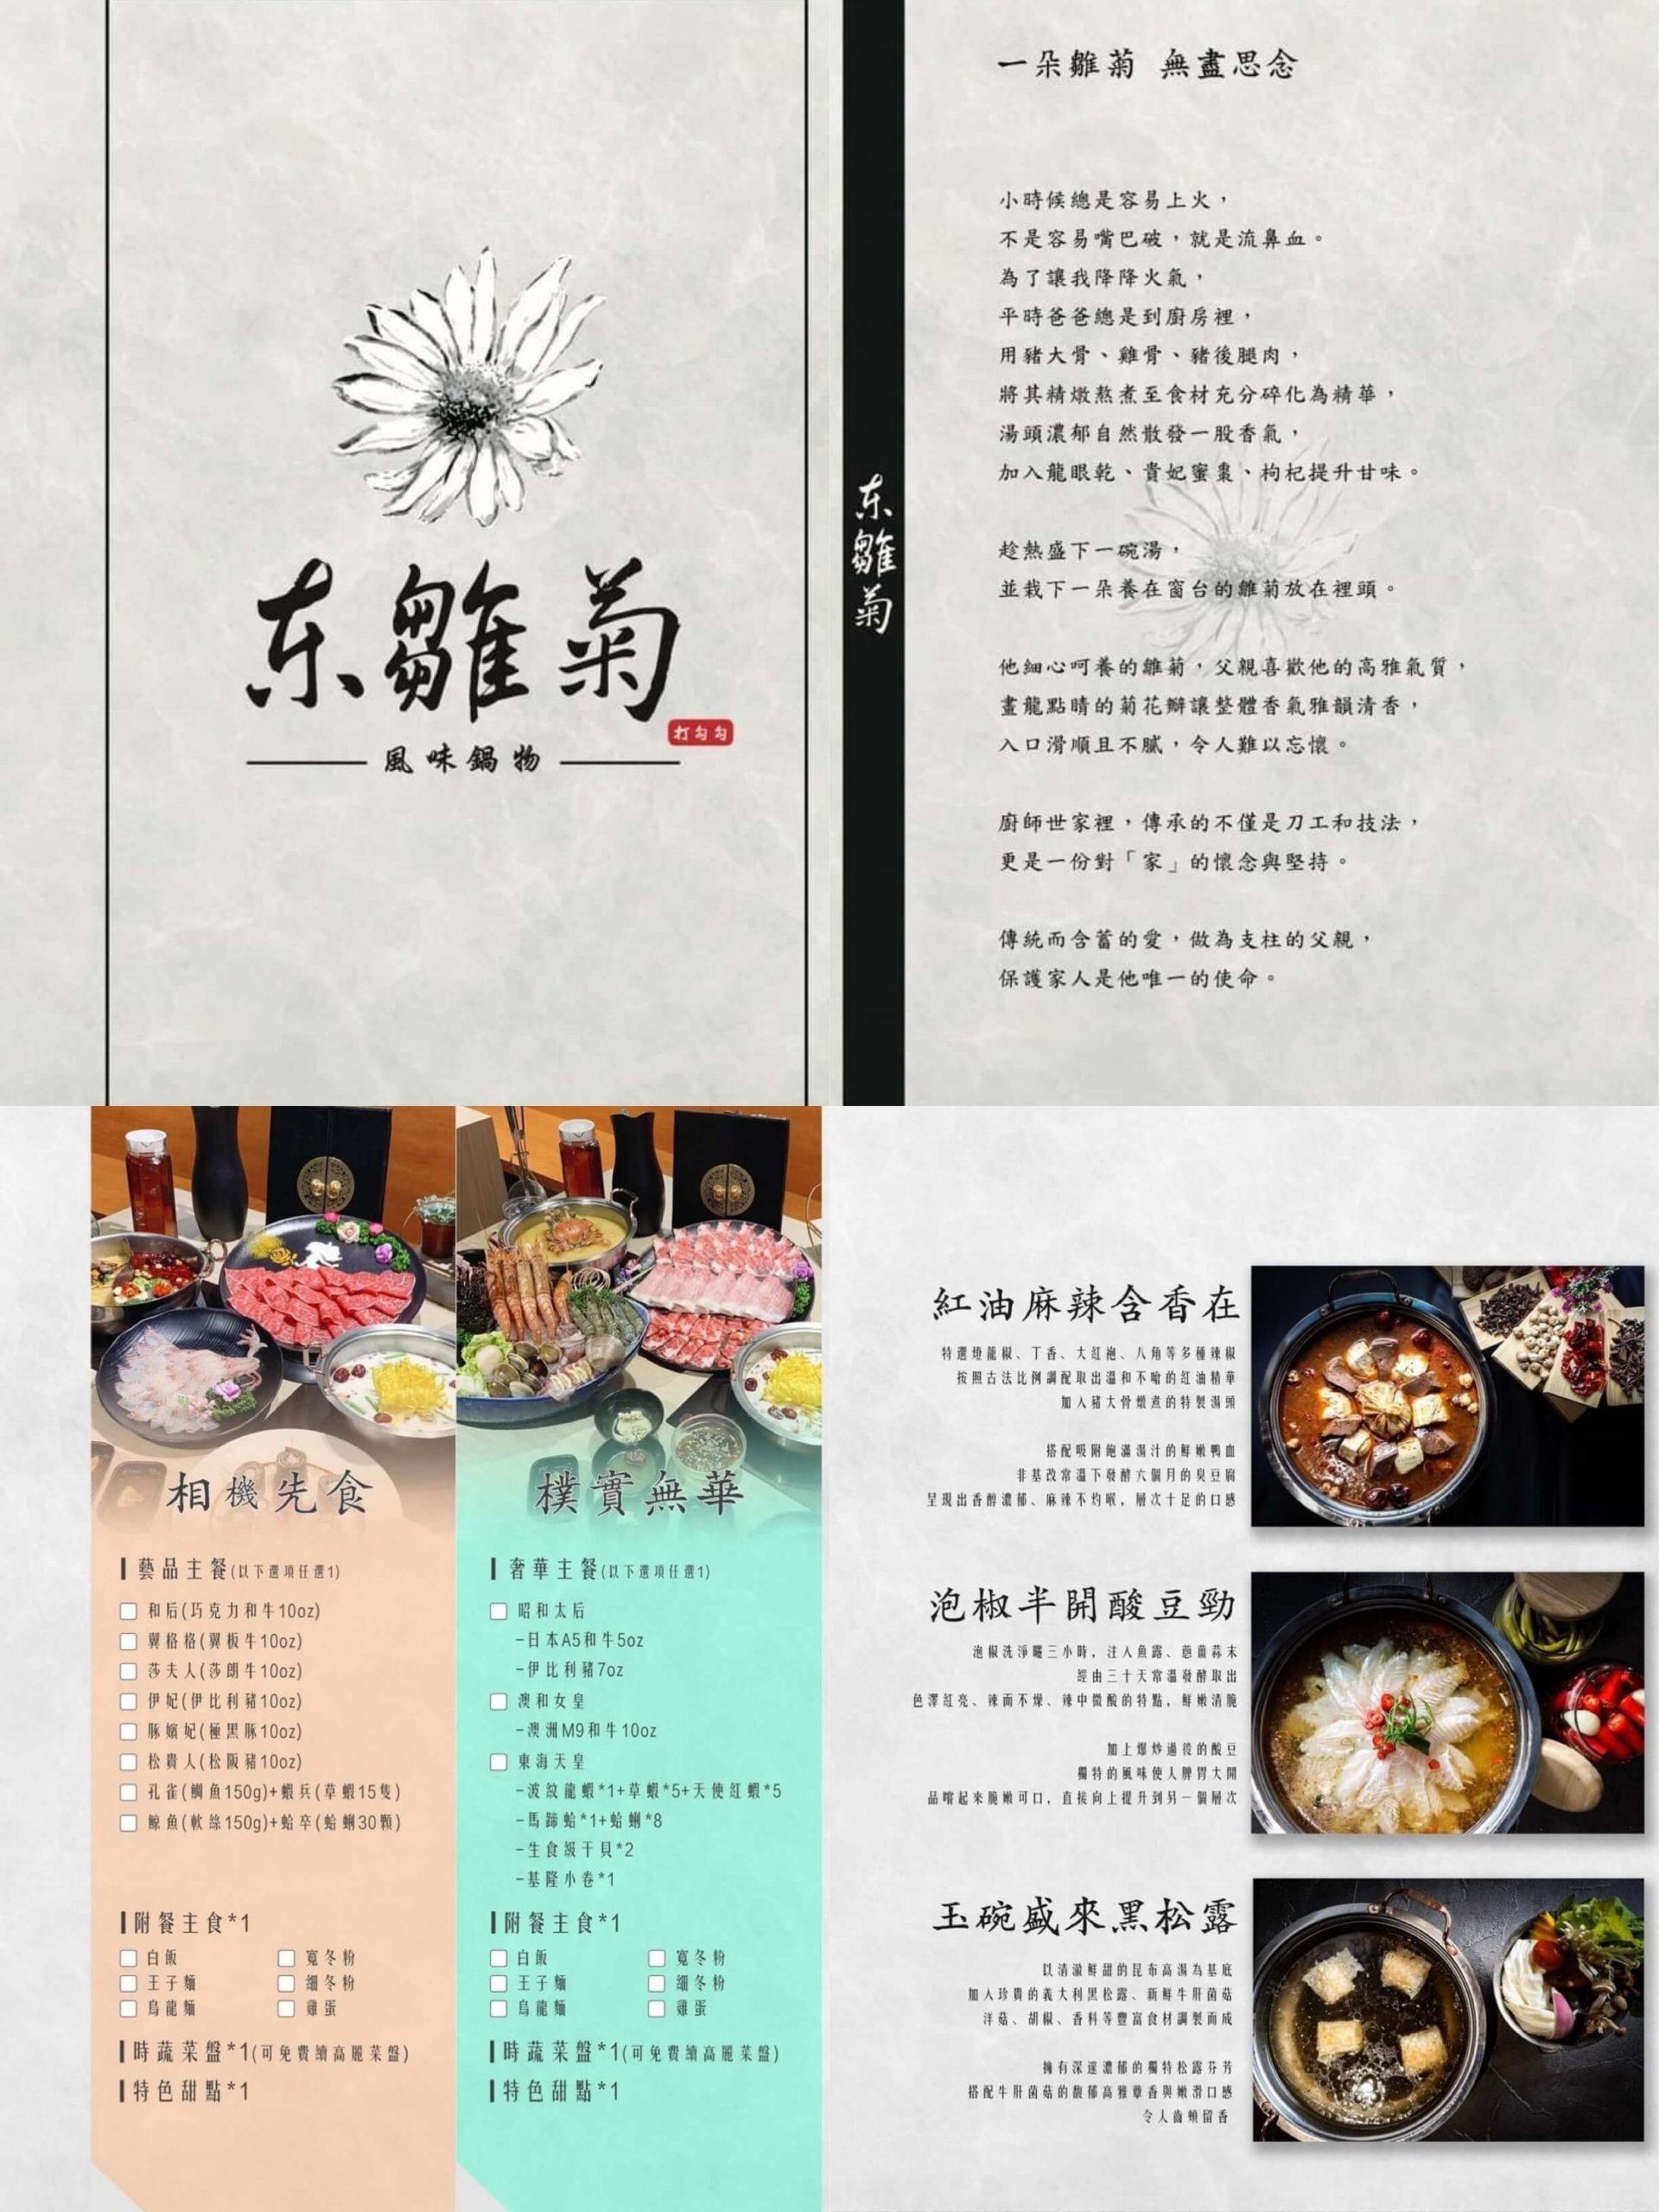 東雛菊菜單MENU